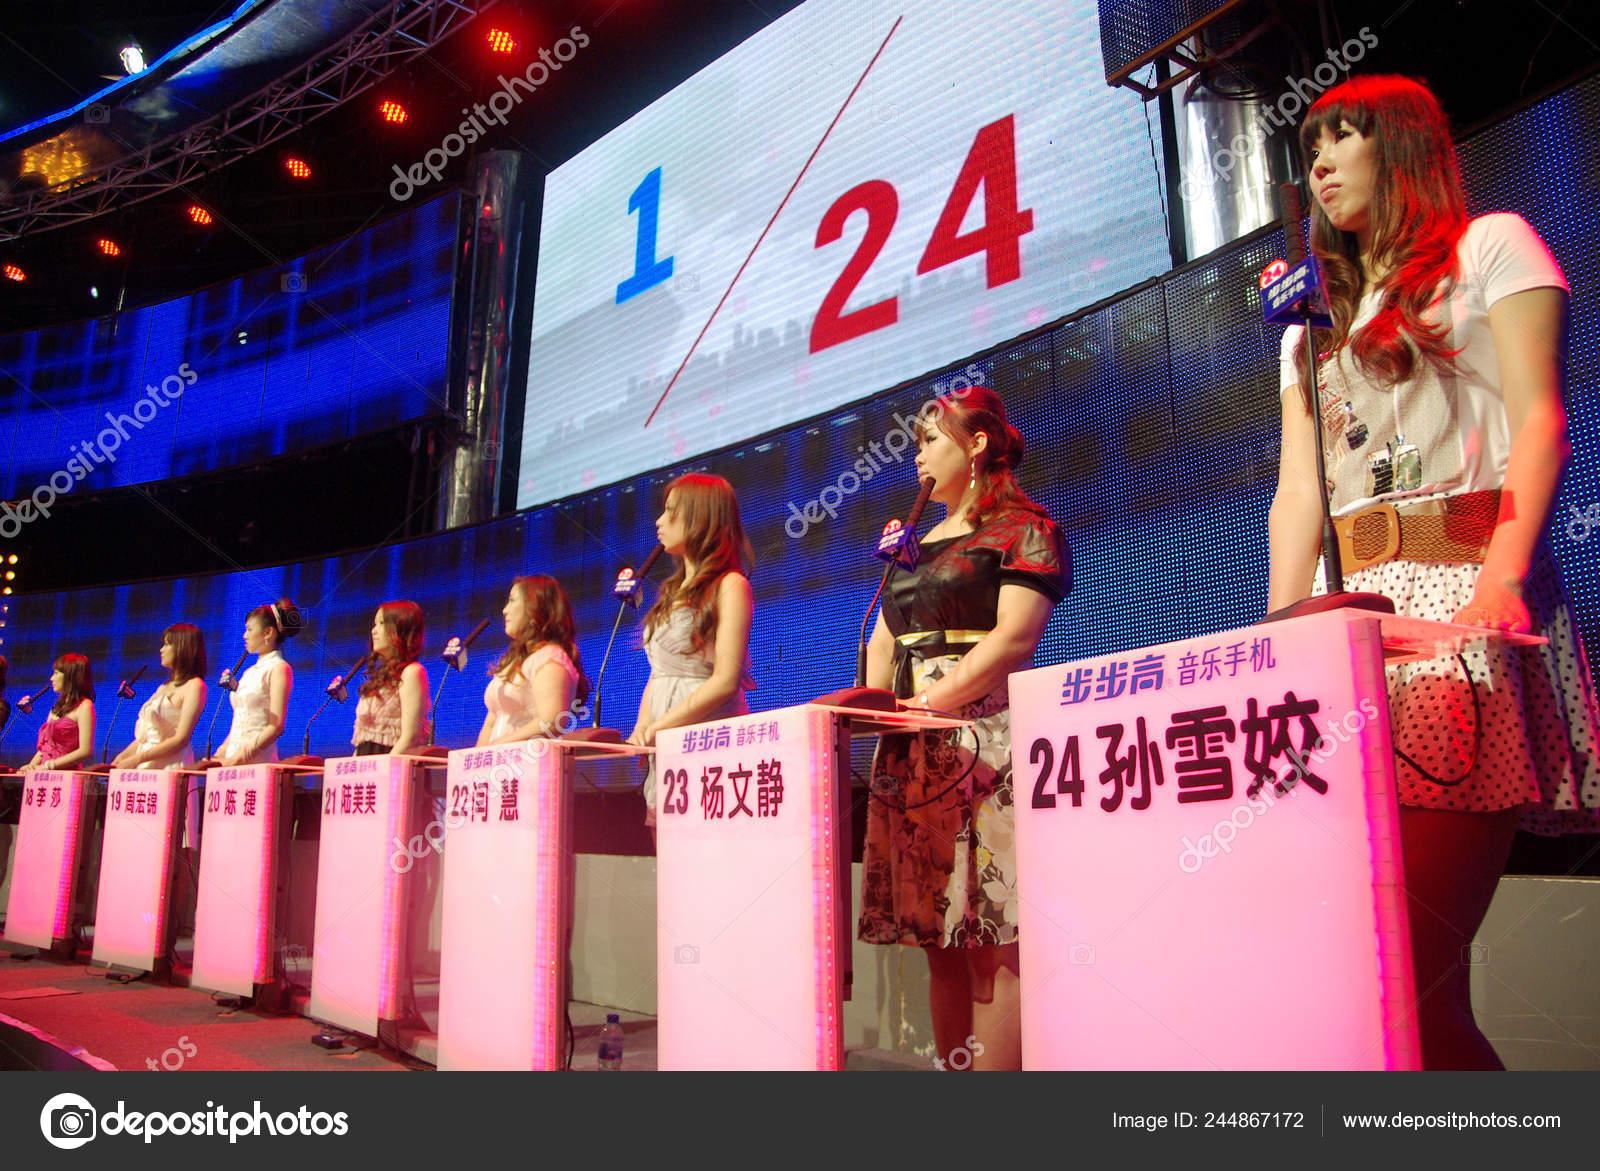 jiangsu dating show